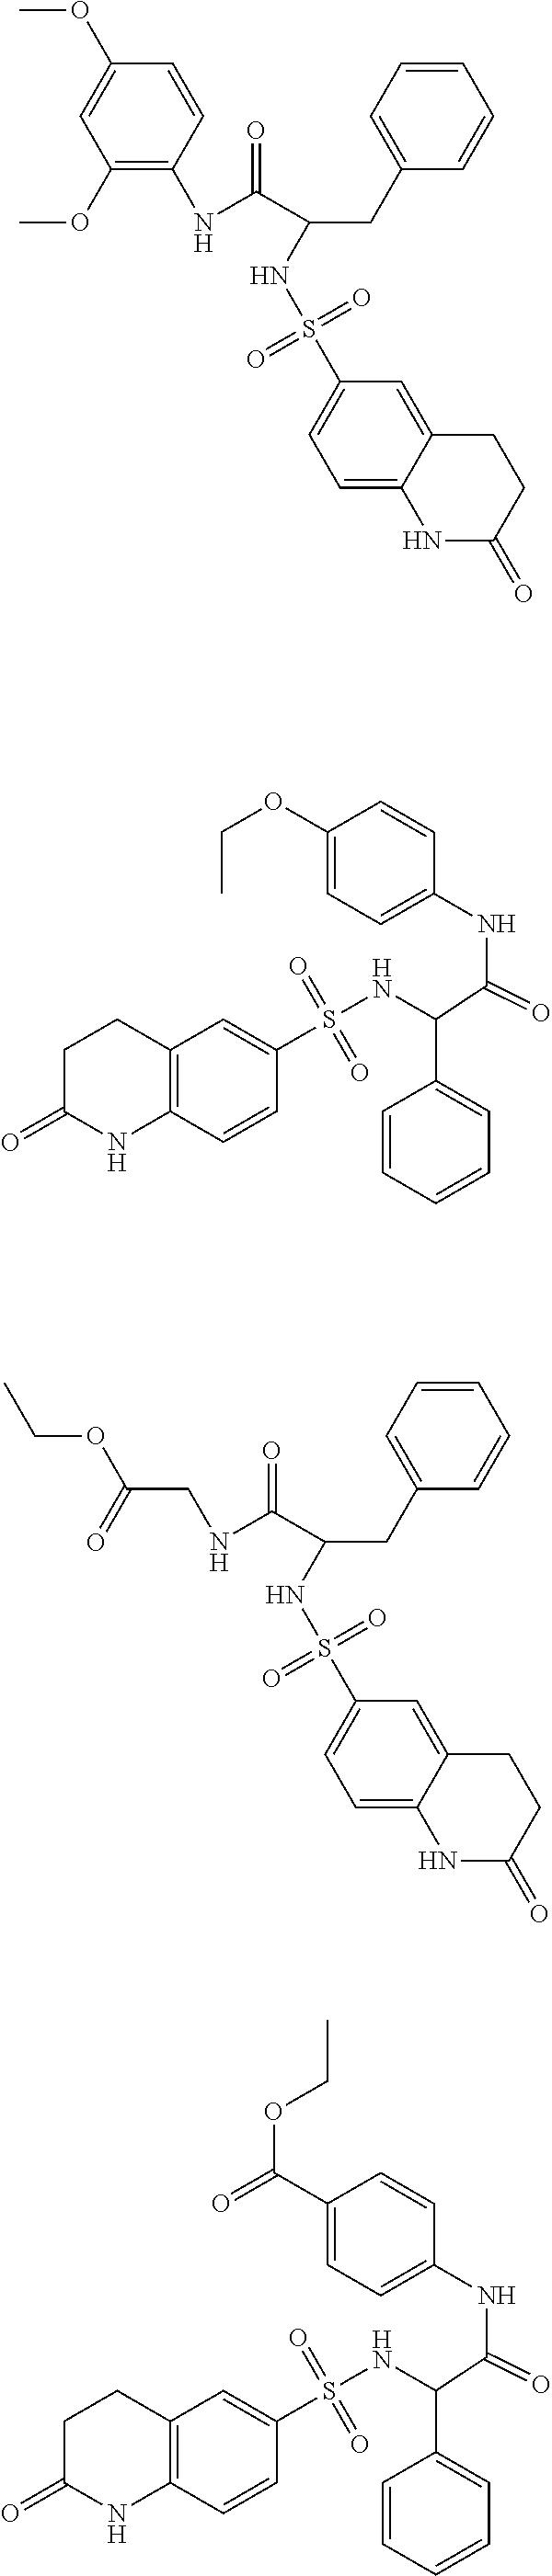 Figure US08957075-20150217-C00013